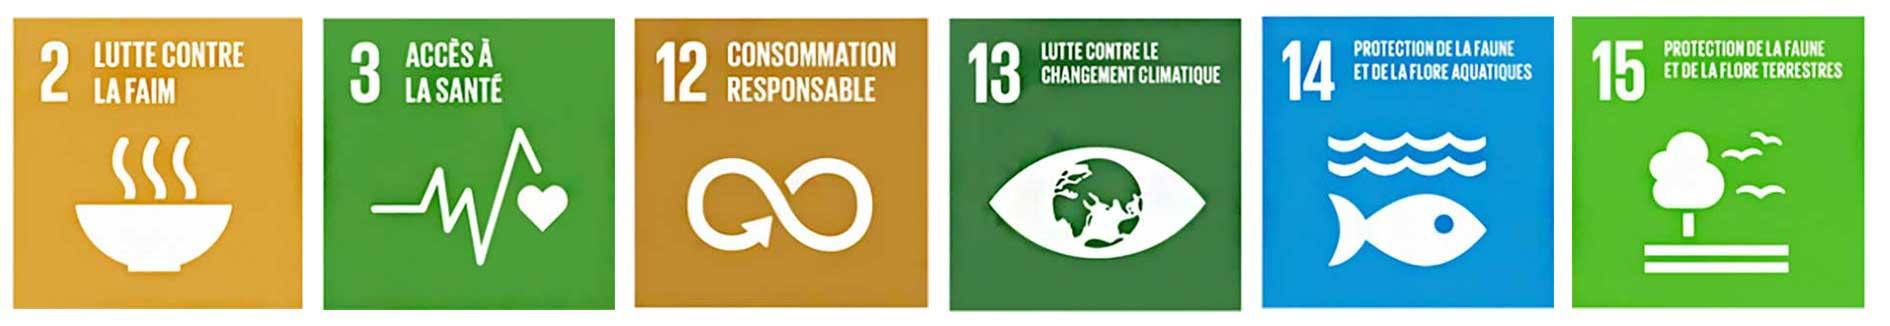 Objectifs de développement durable 2030 liés au thème alimentation durable